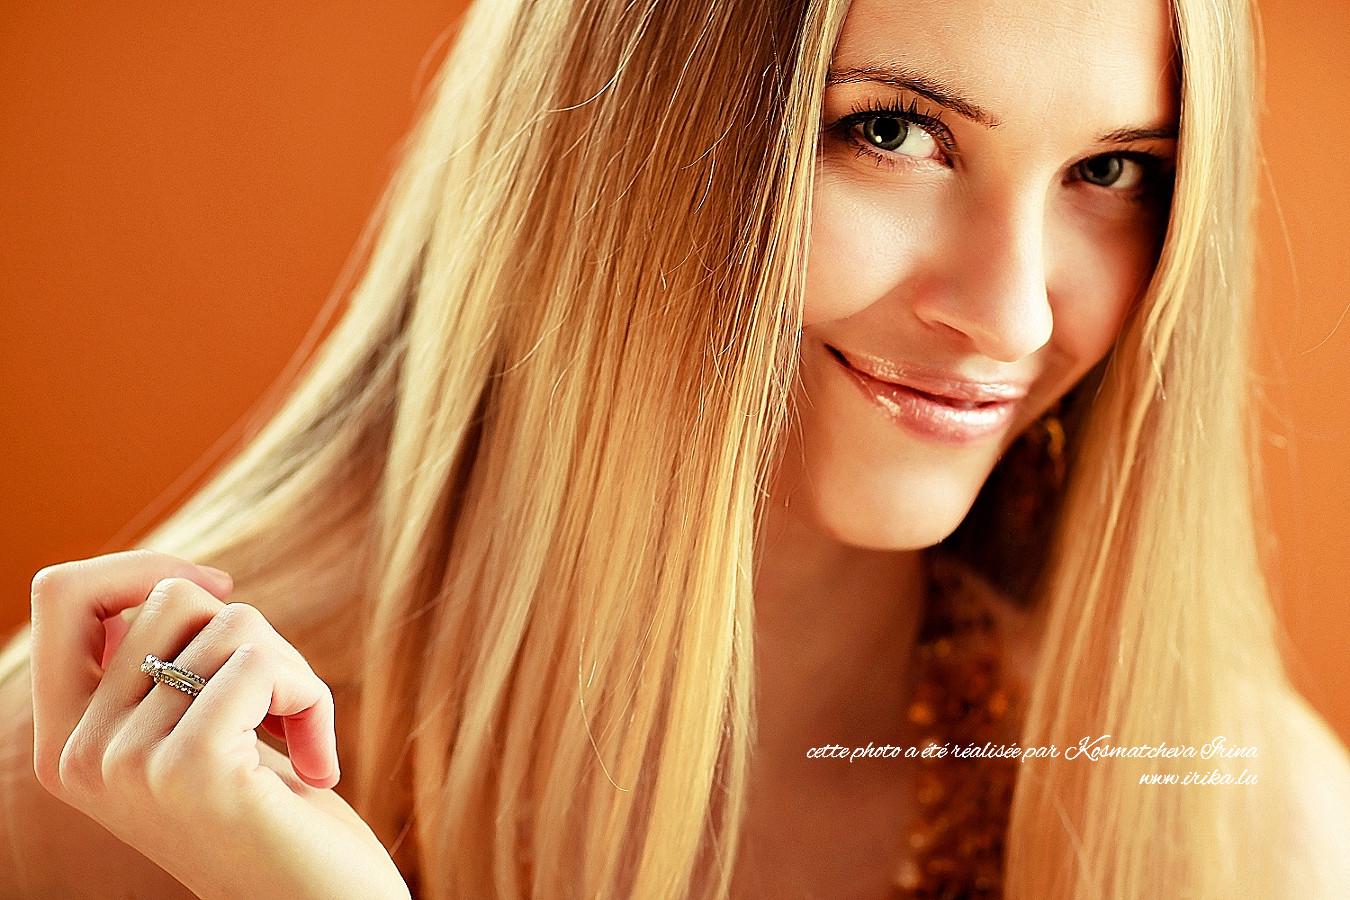 Une très jolie fille blonde